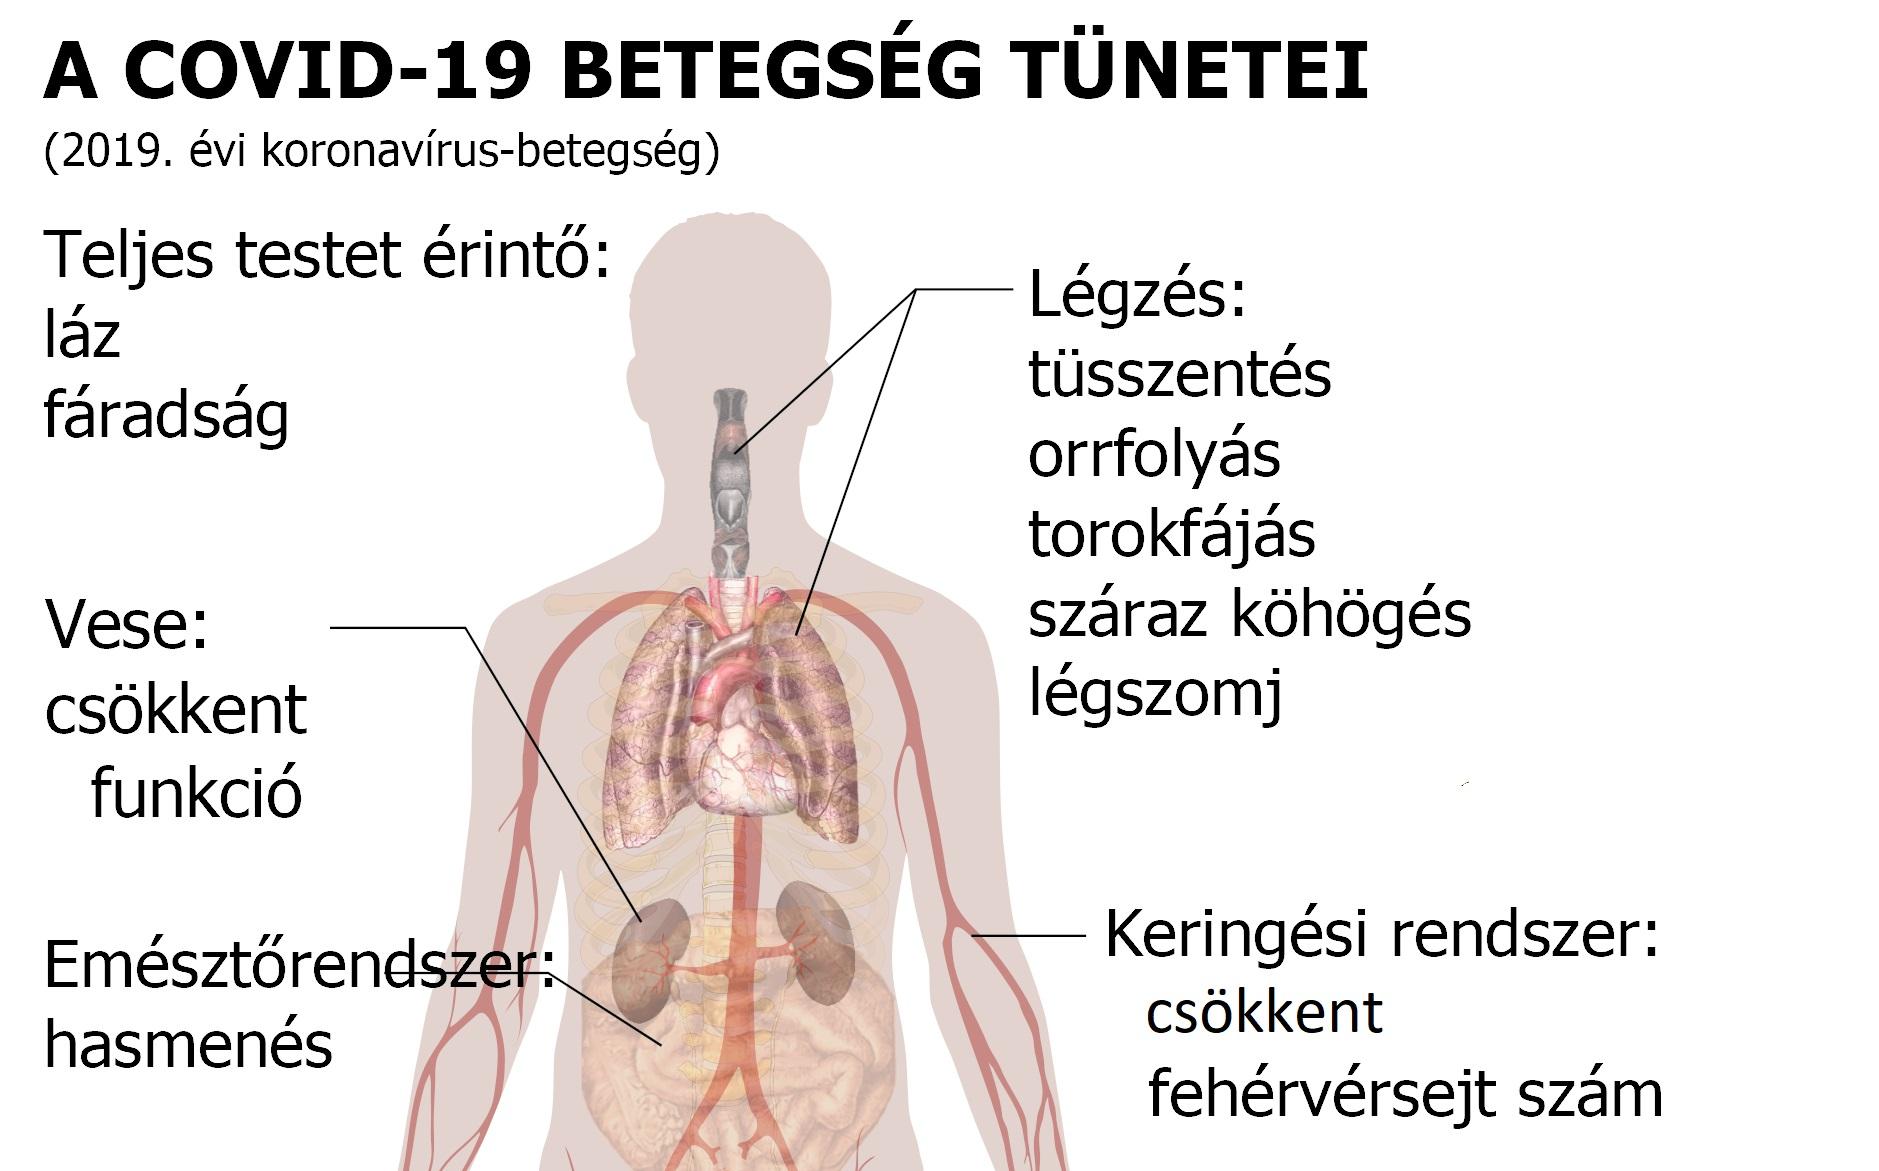 magas vérnyomás és köhögés